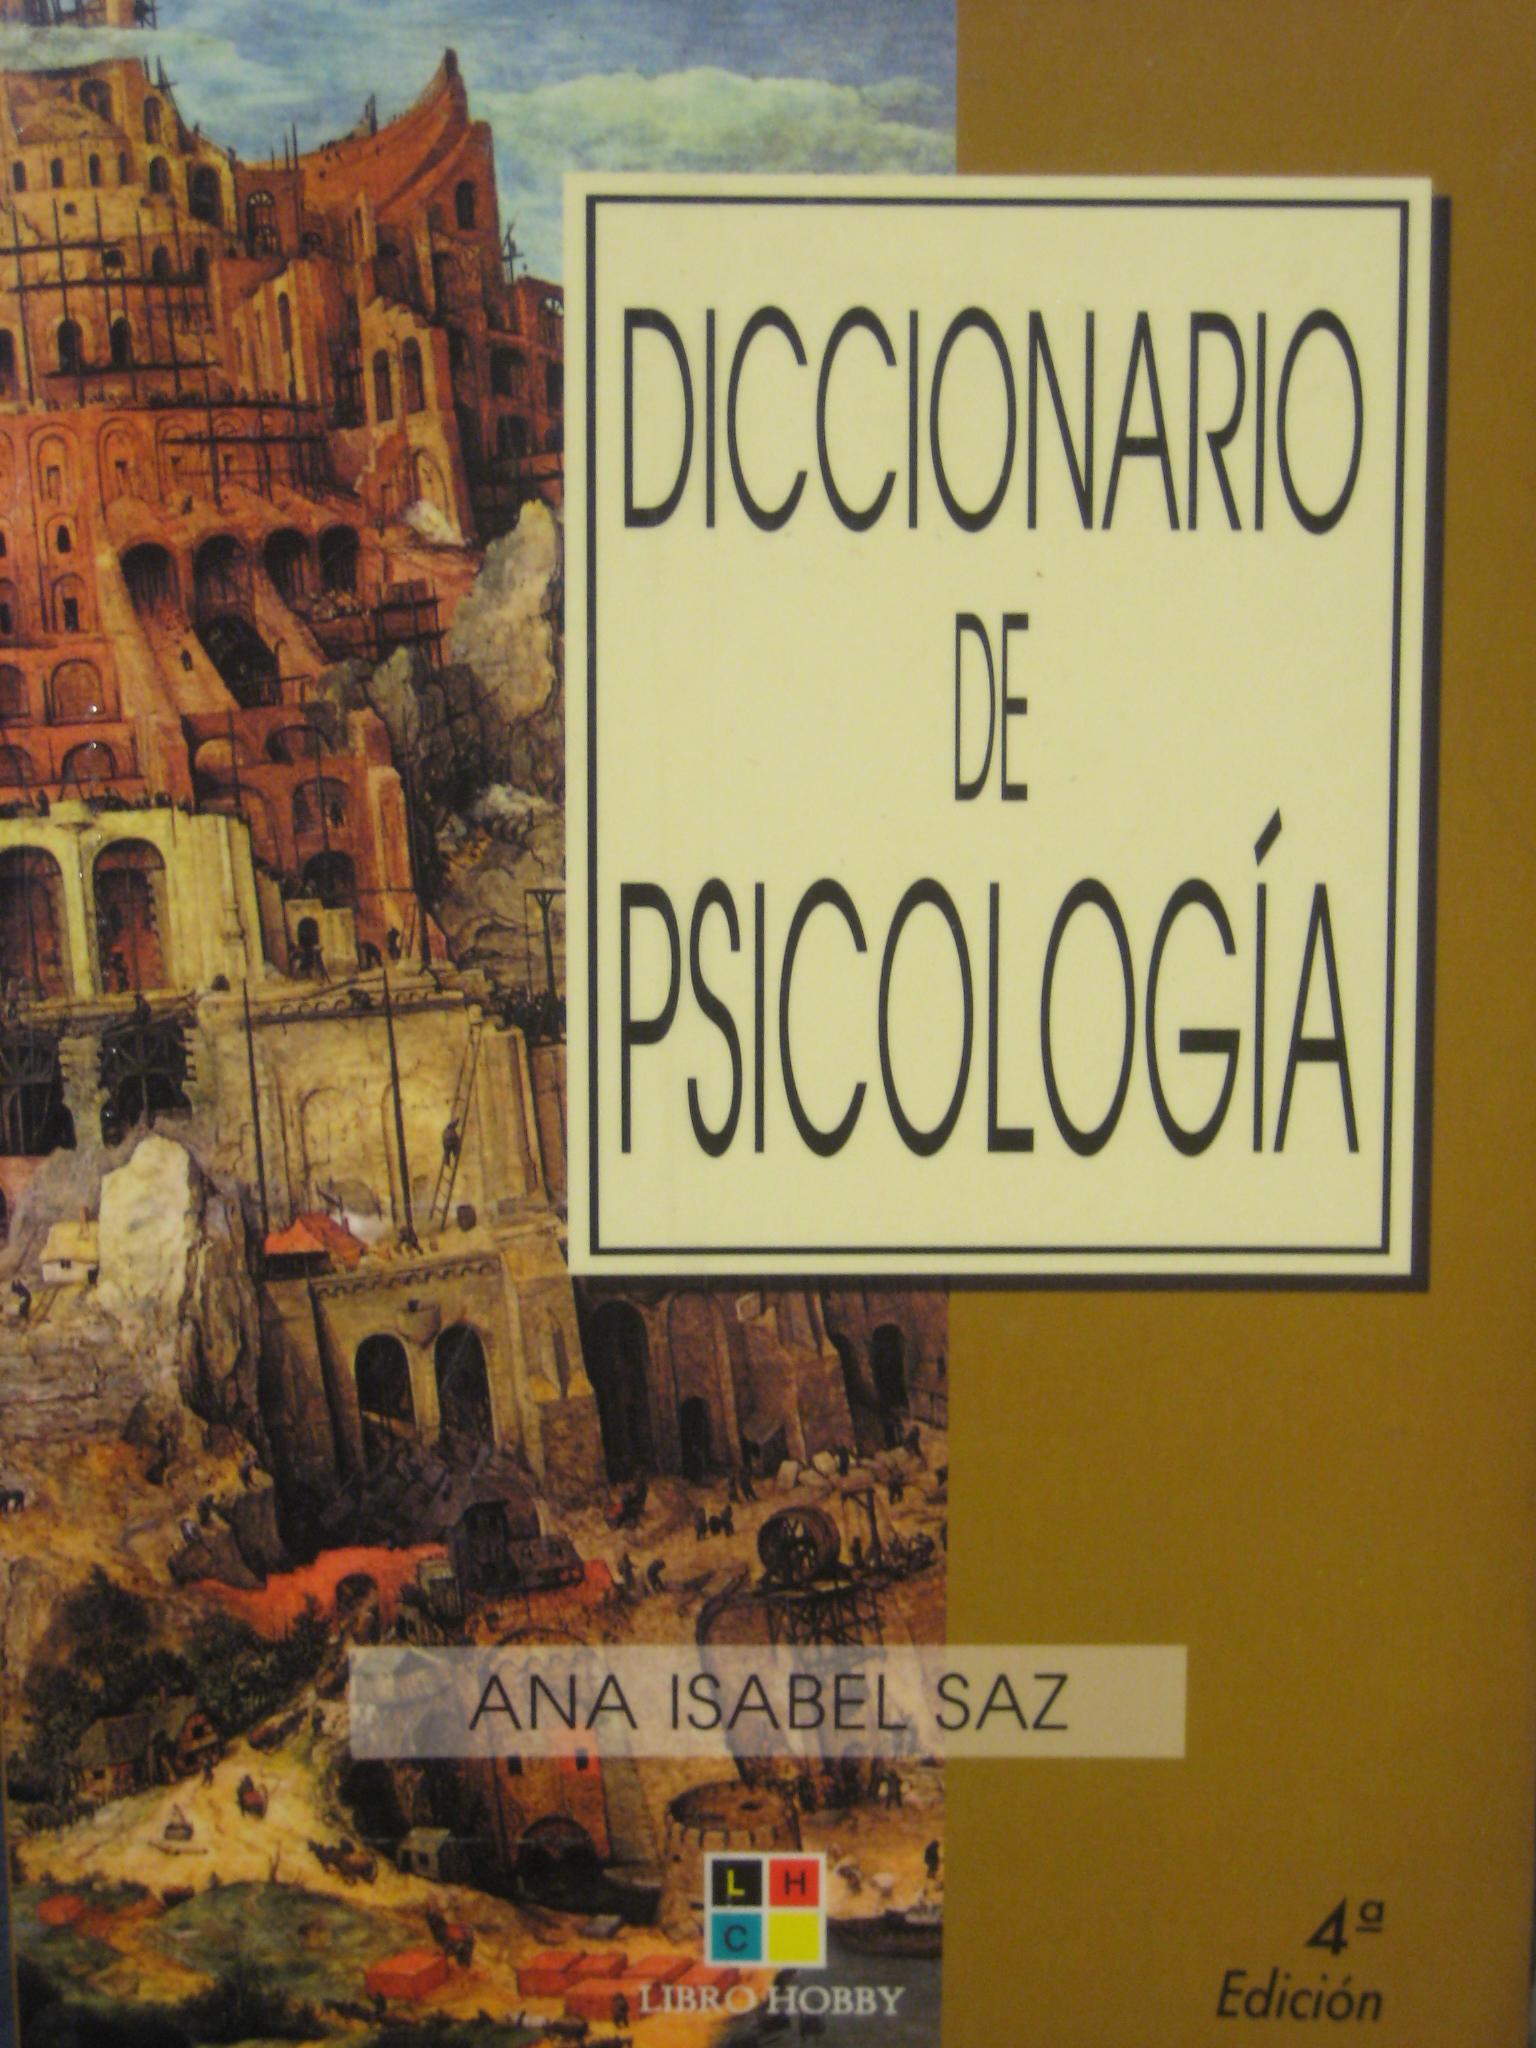 Diccionario de psicología